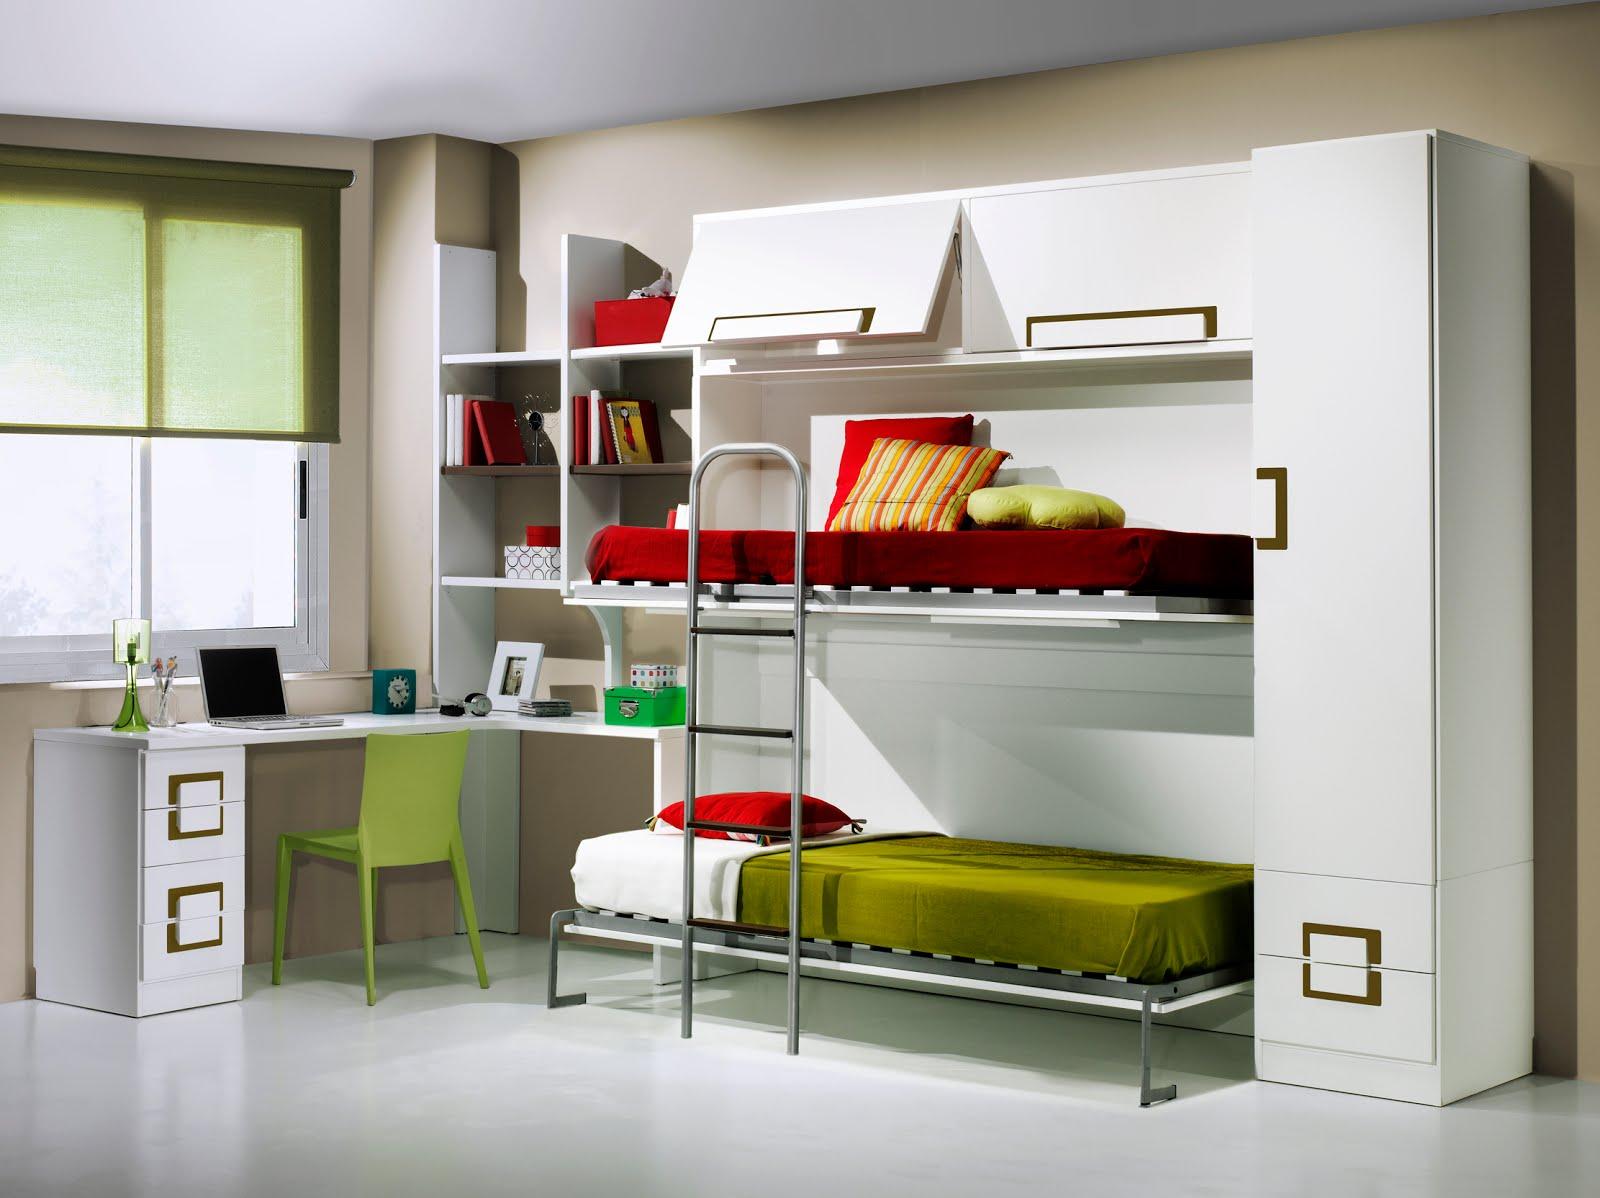 Dormitorios con camas abatibles literas abatibles - Ikea habitaciones infantiles literas ...